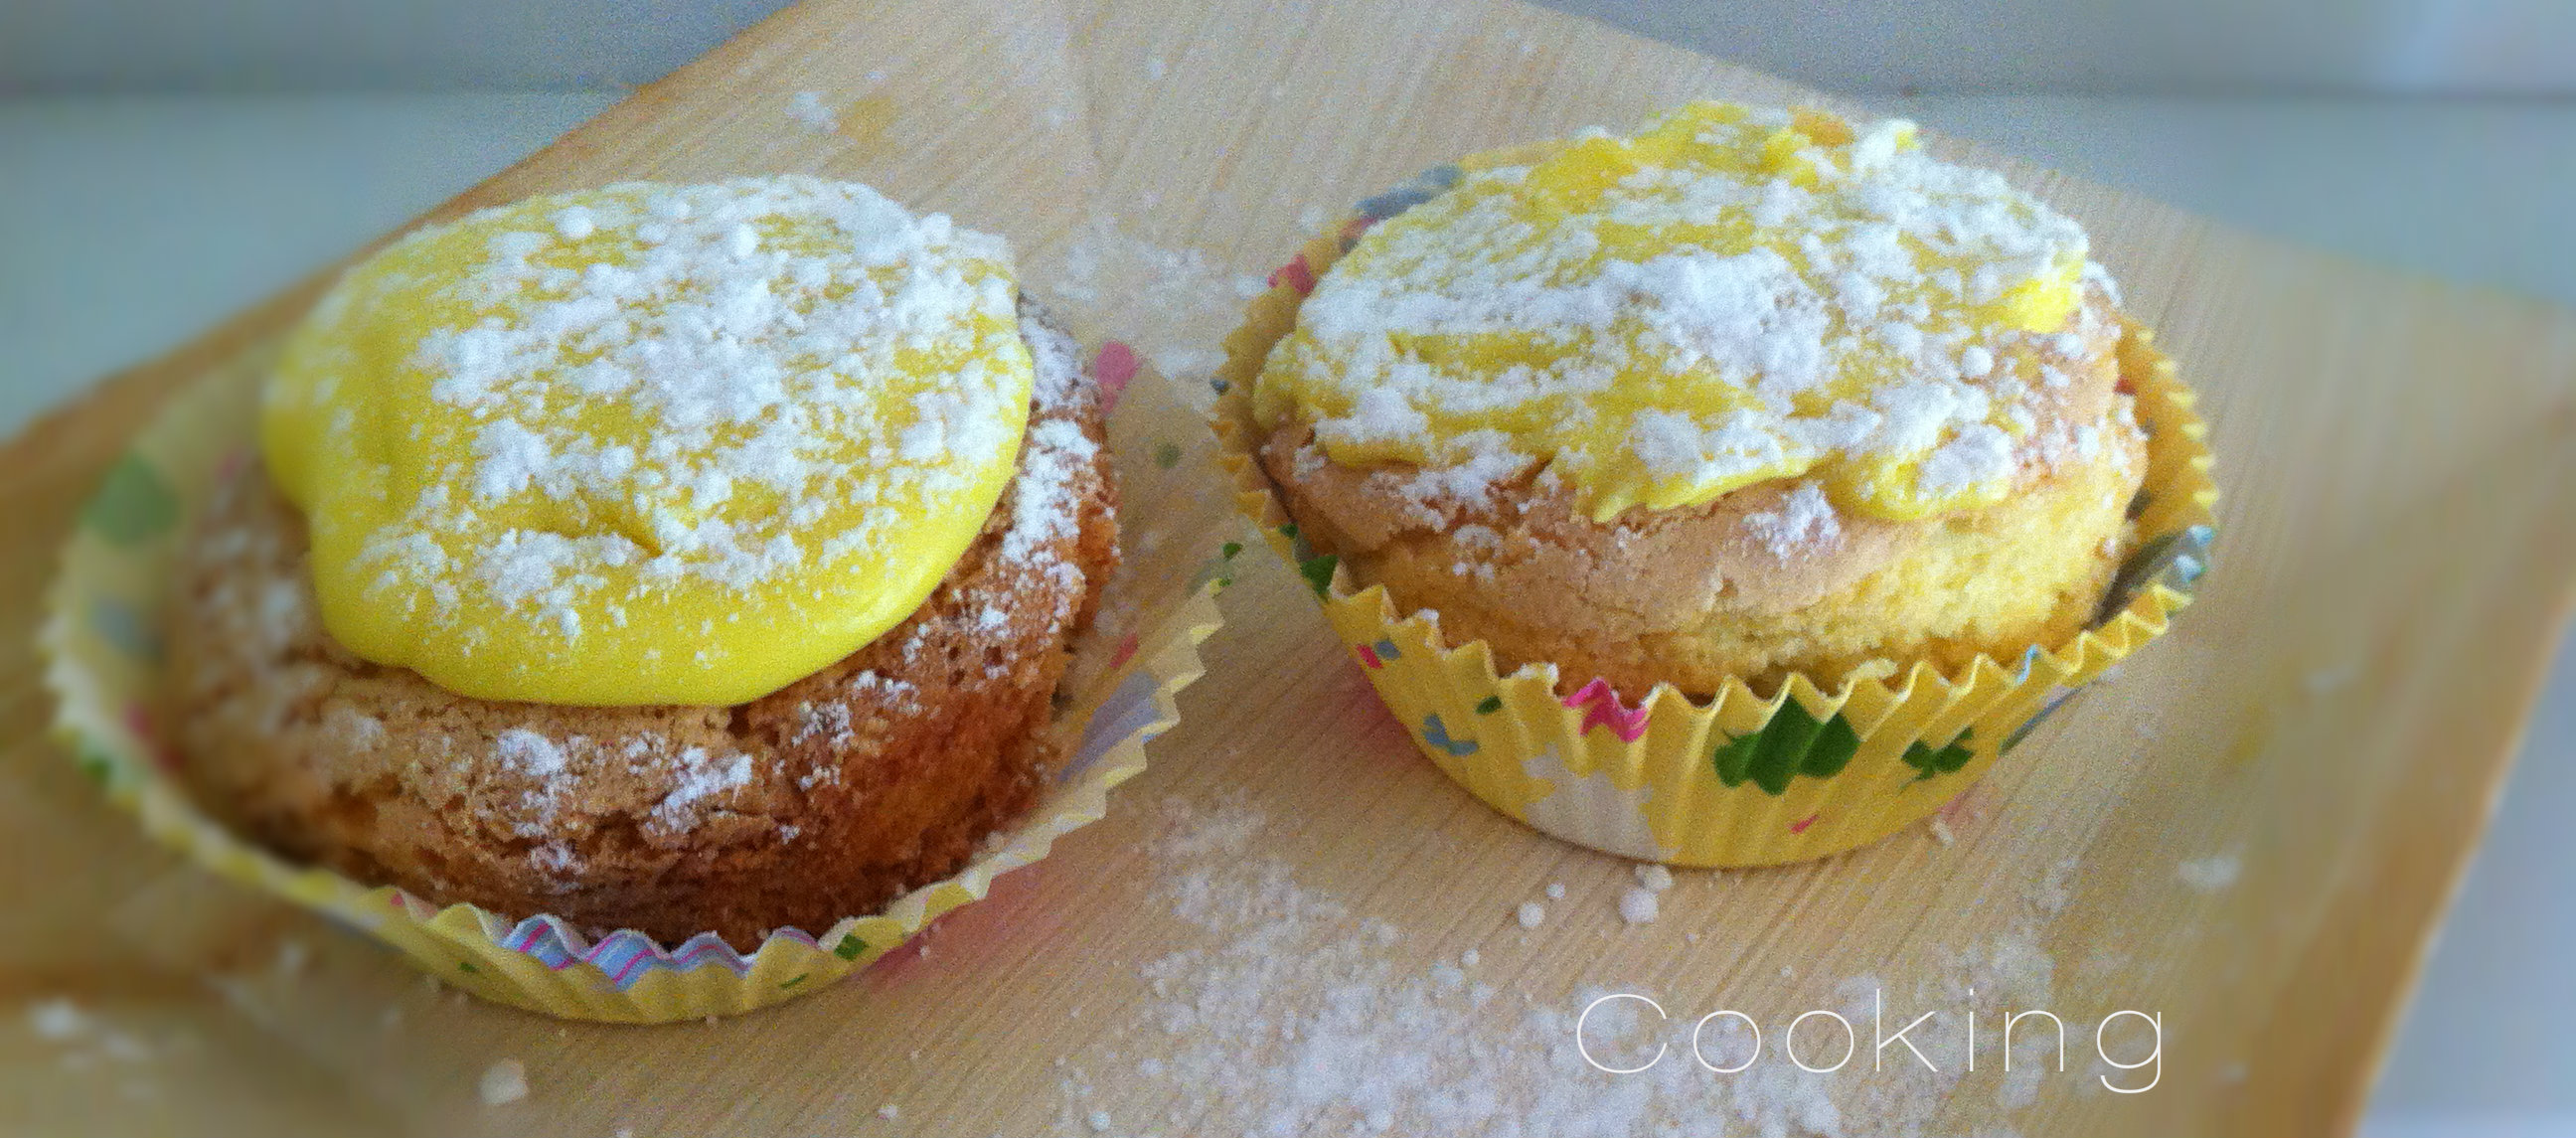 muffin al limone